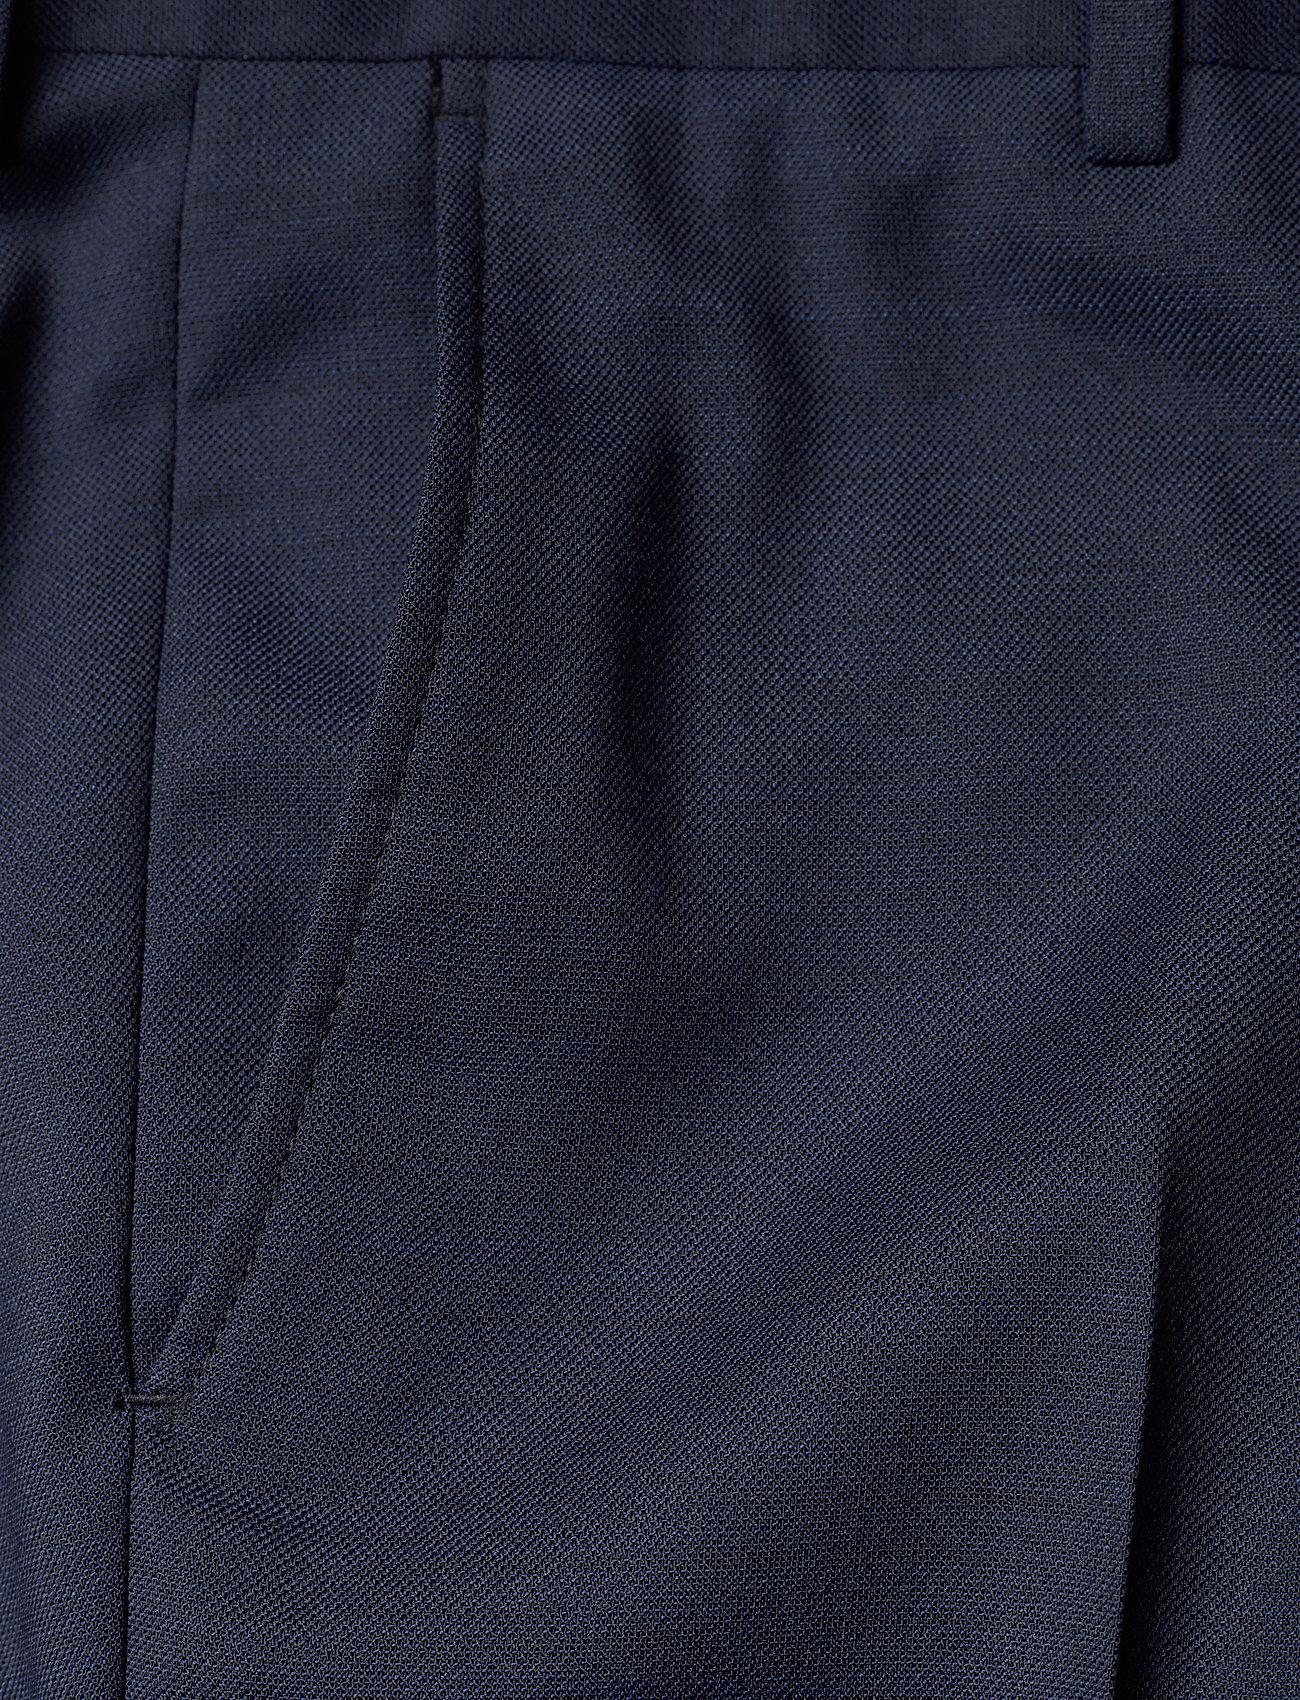 Jack & Jones JPRSOLARIS SUIT - Dresser & blazere DARK NAVY - Menn Klær